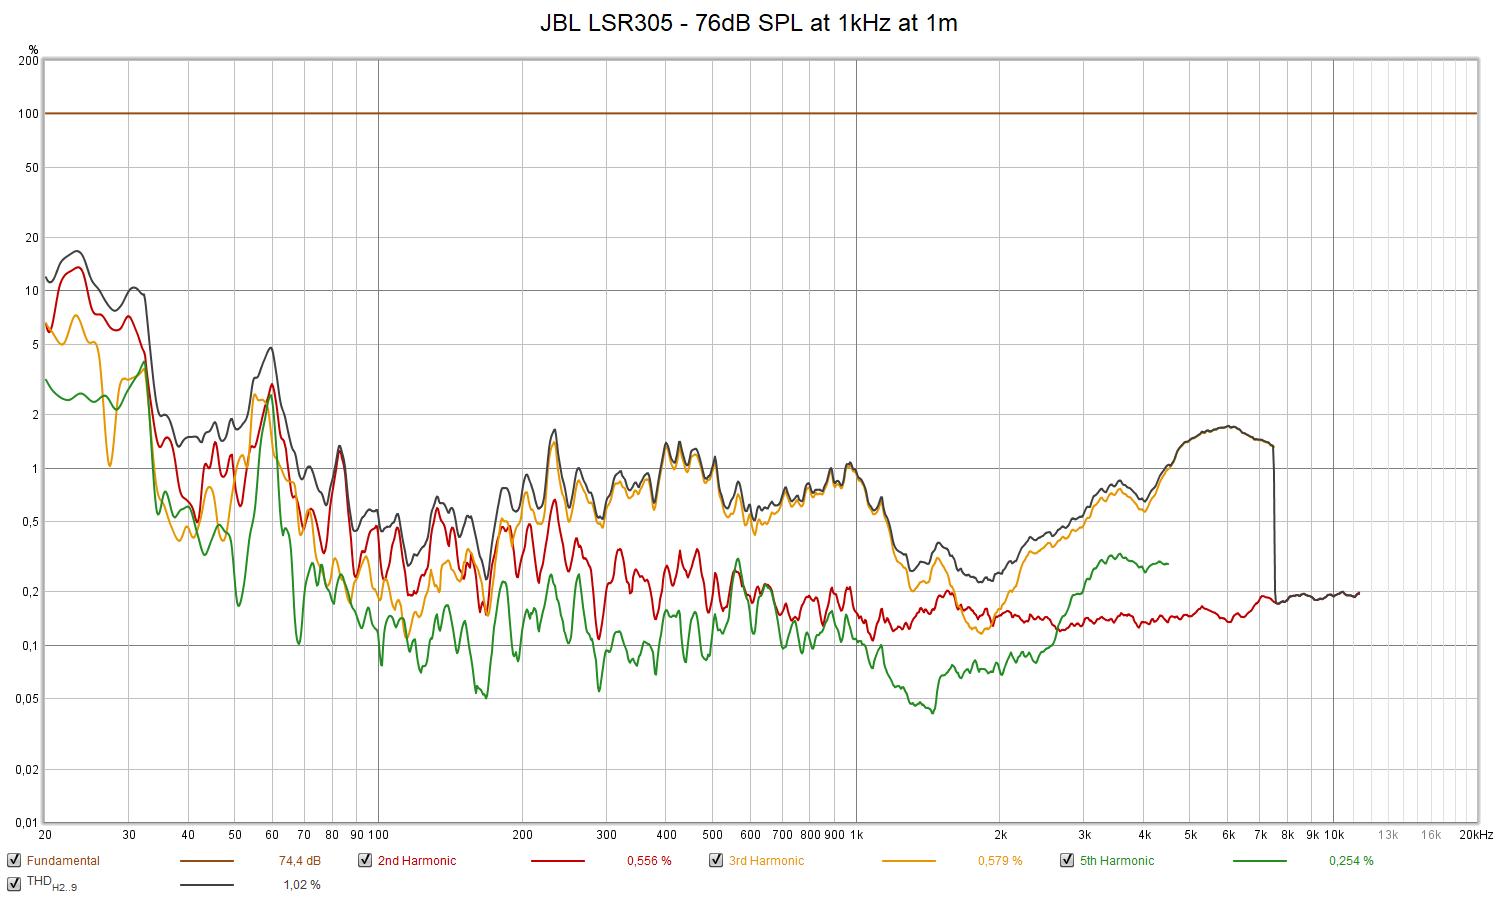 JBL LSR305 - 76dB SPL at 1kHz at 1m.png